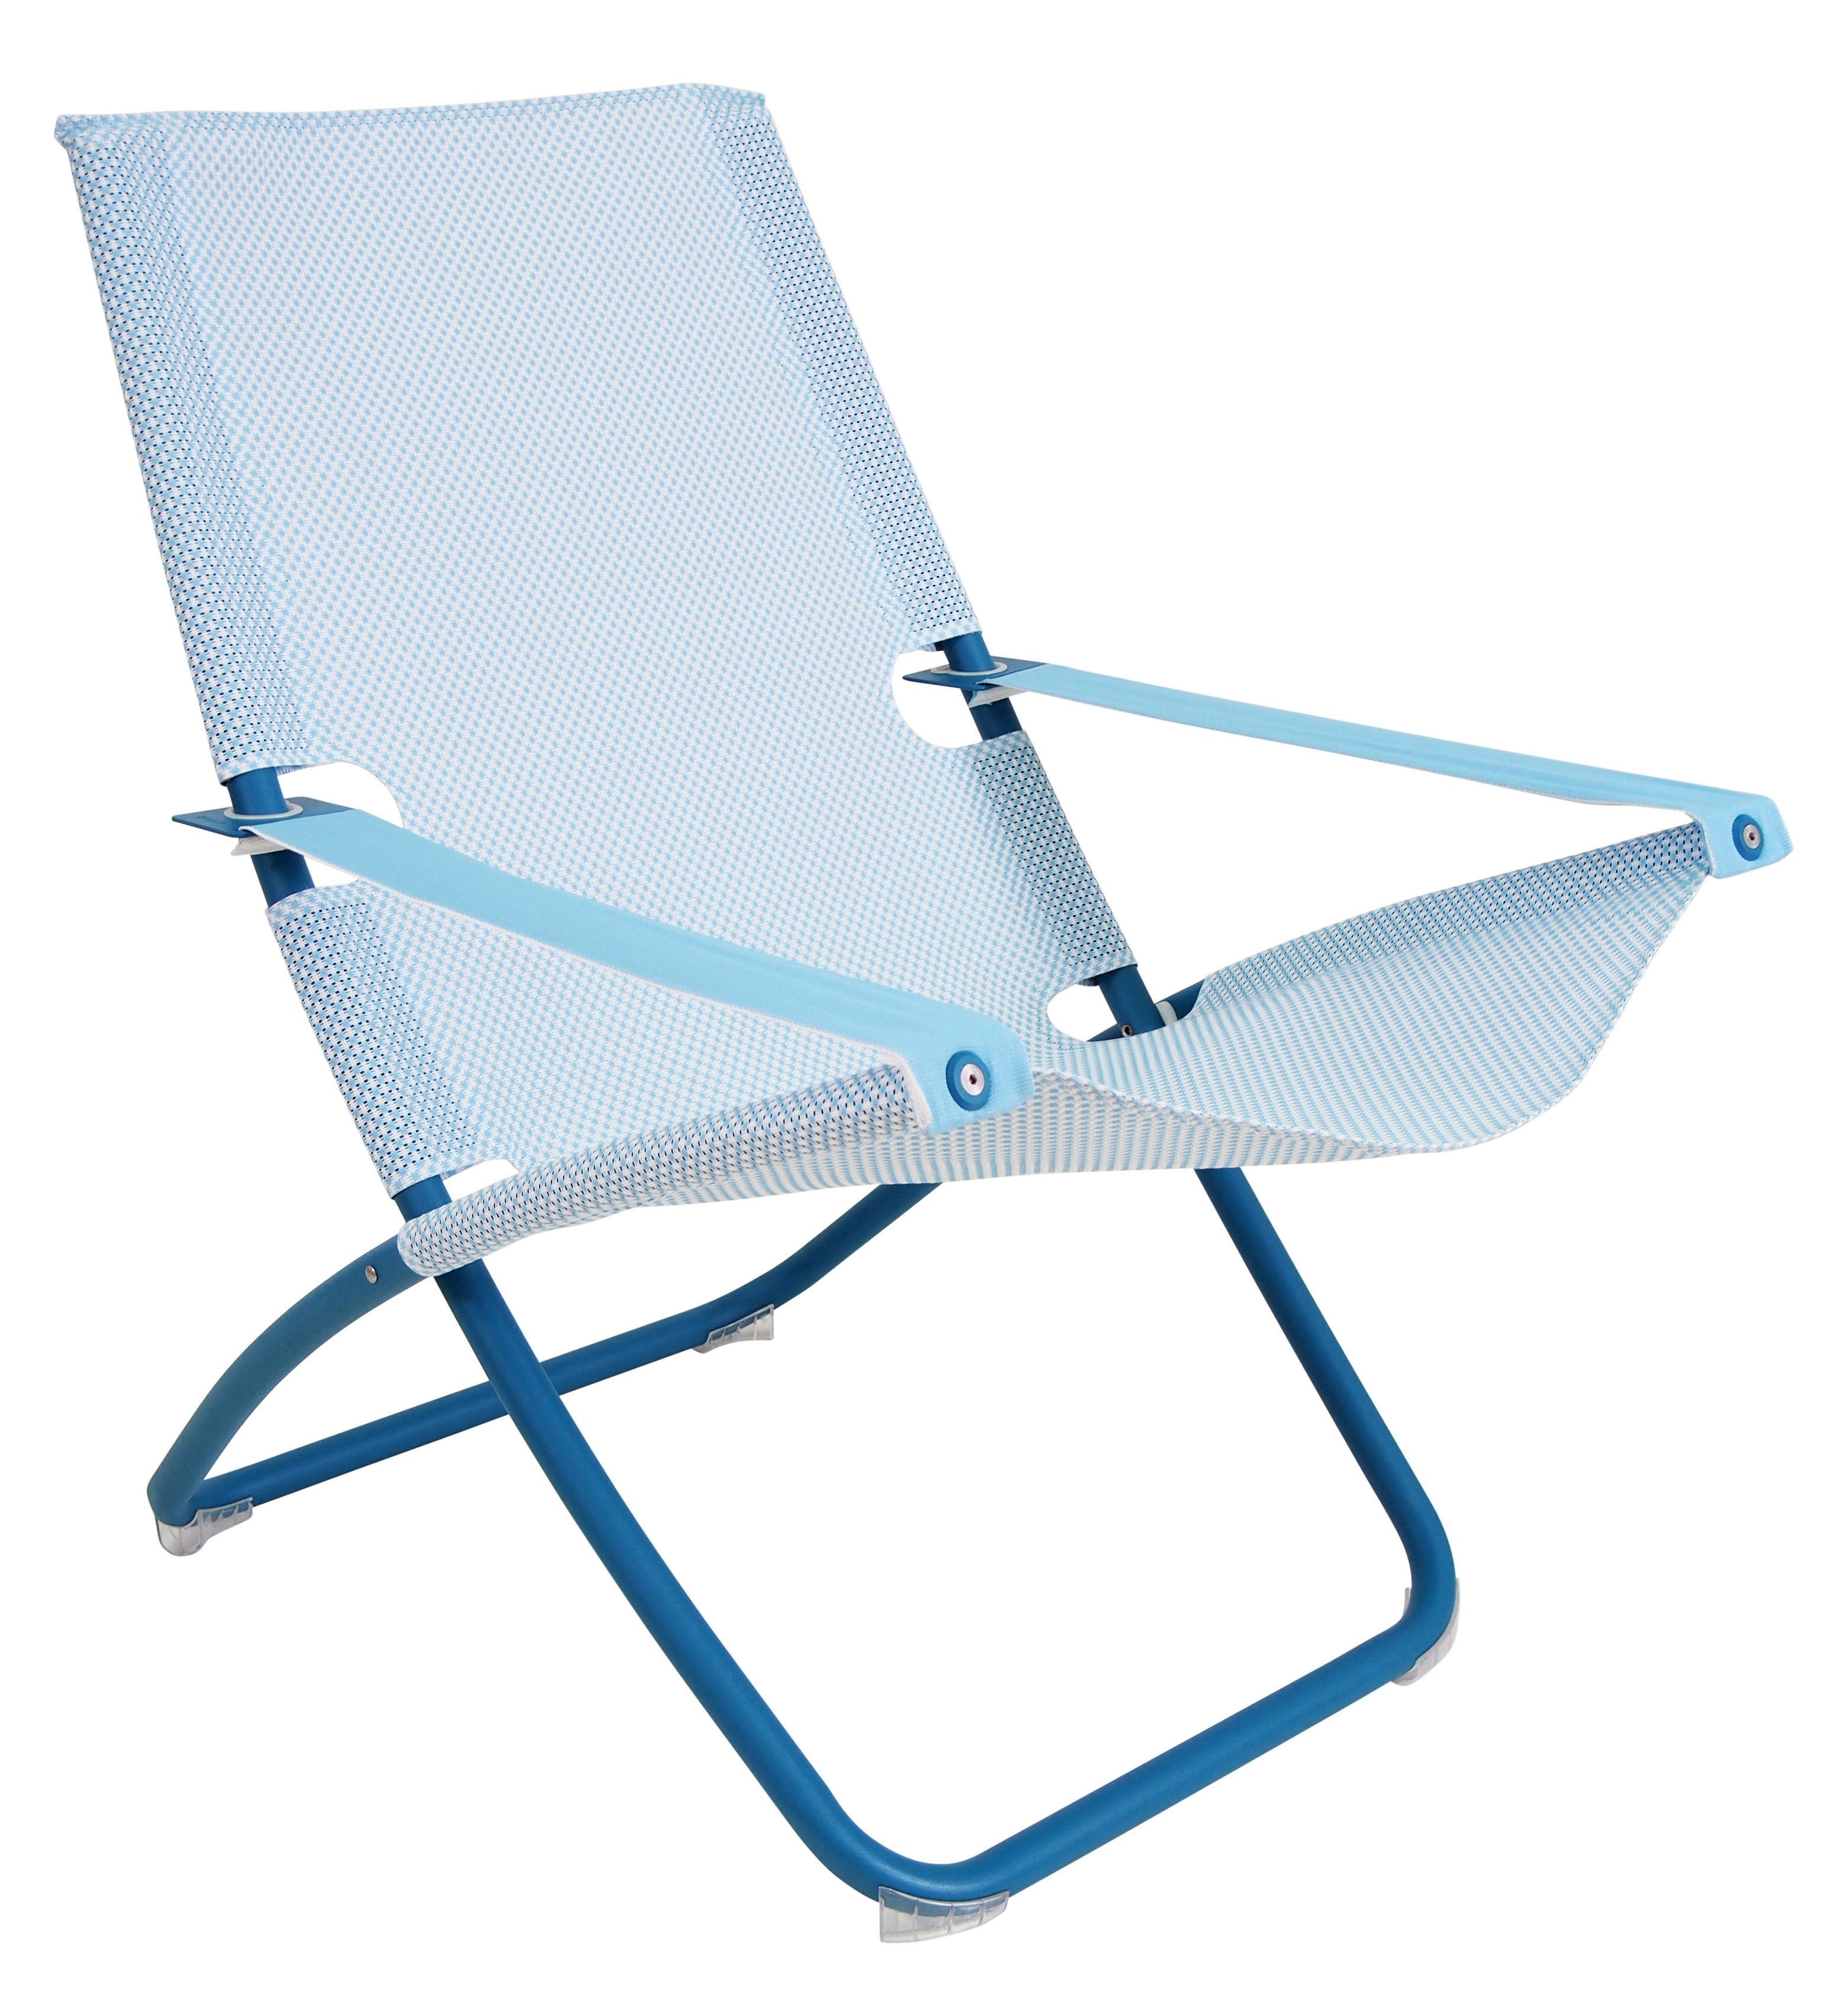 Outdoor - Sedie e Amache - Chaise longue Snooze - Emu - Blu - Acciaio verniciato, Tissu technique